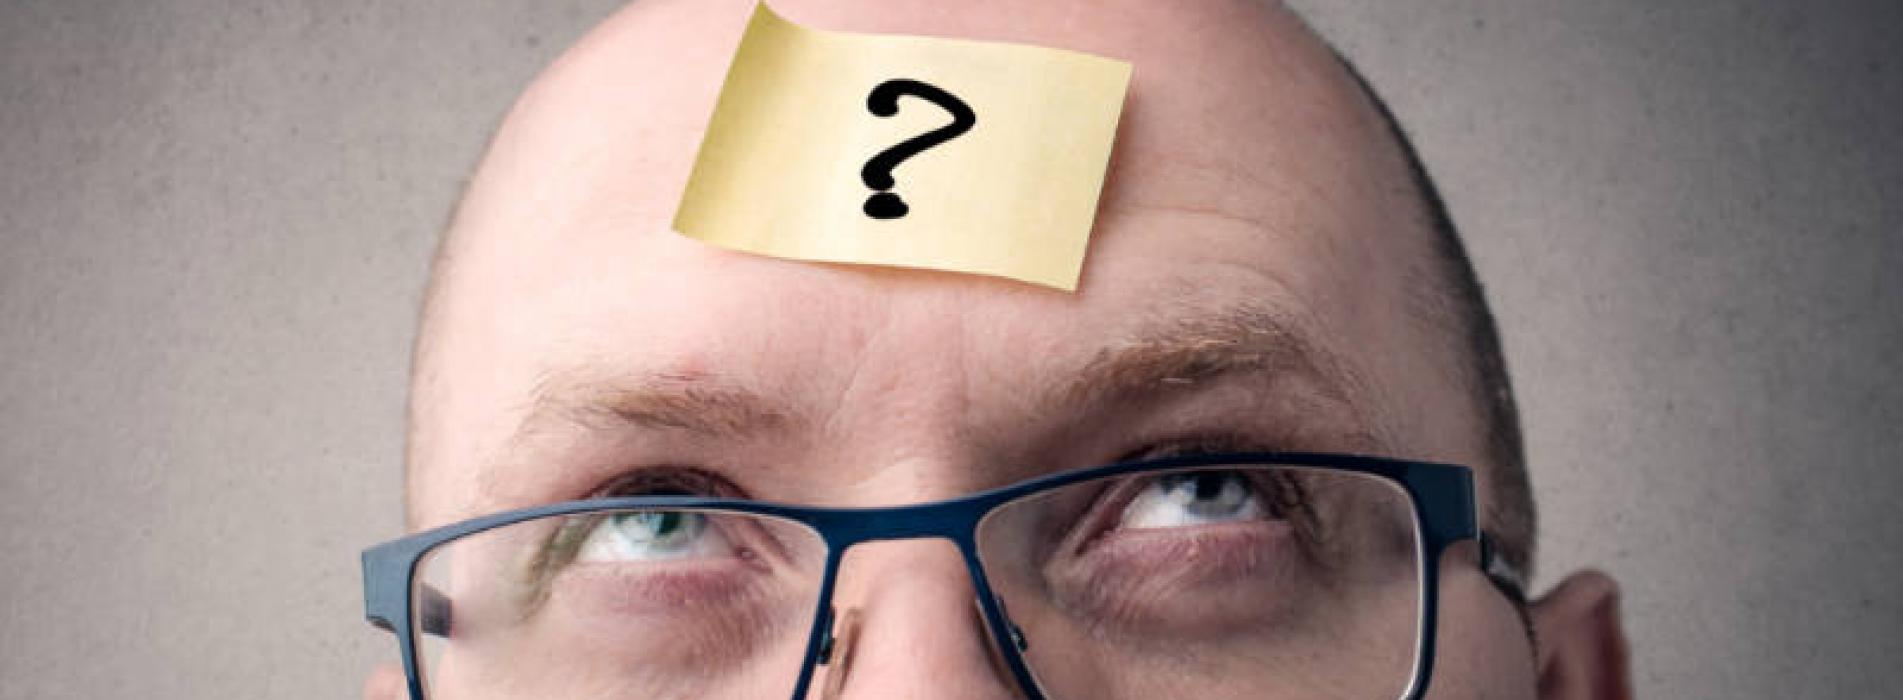 Como entender um edital?